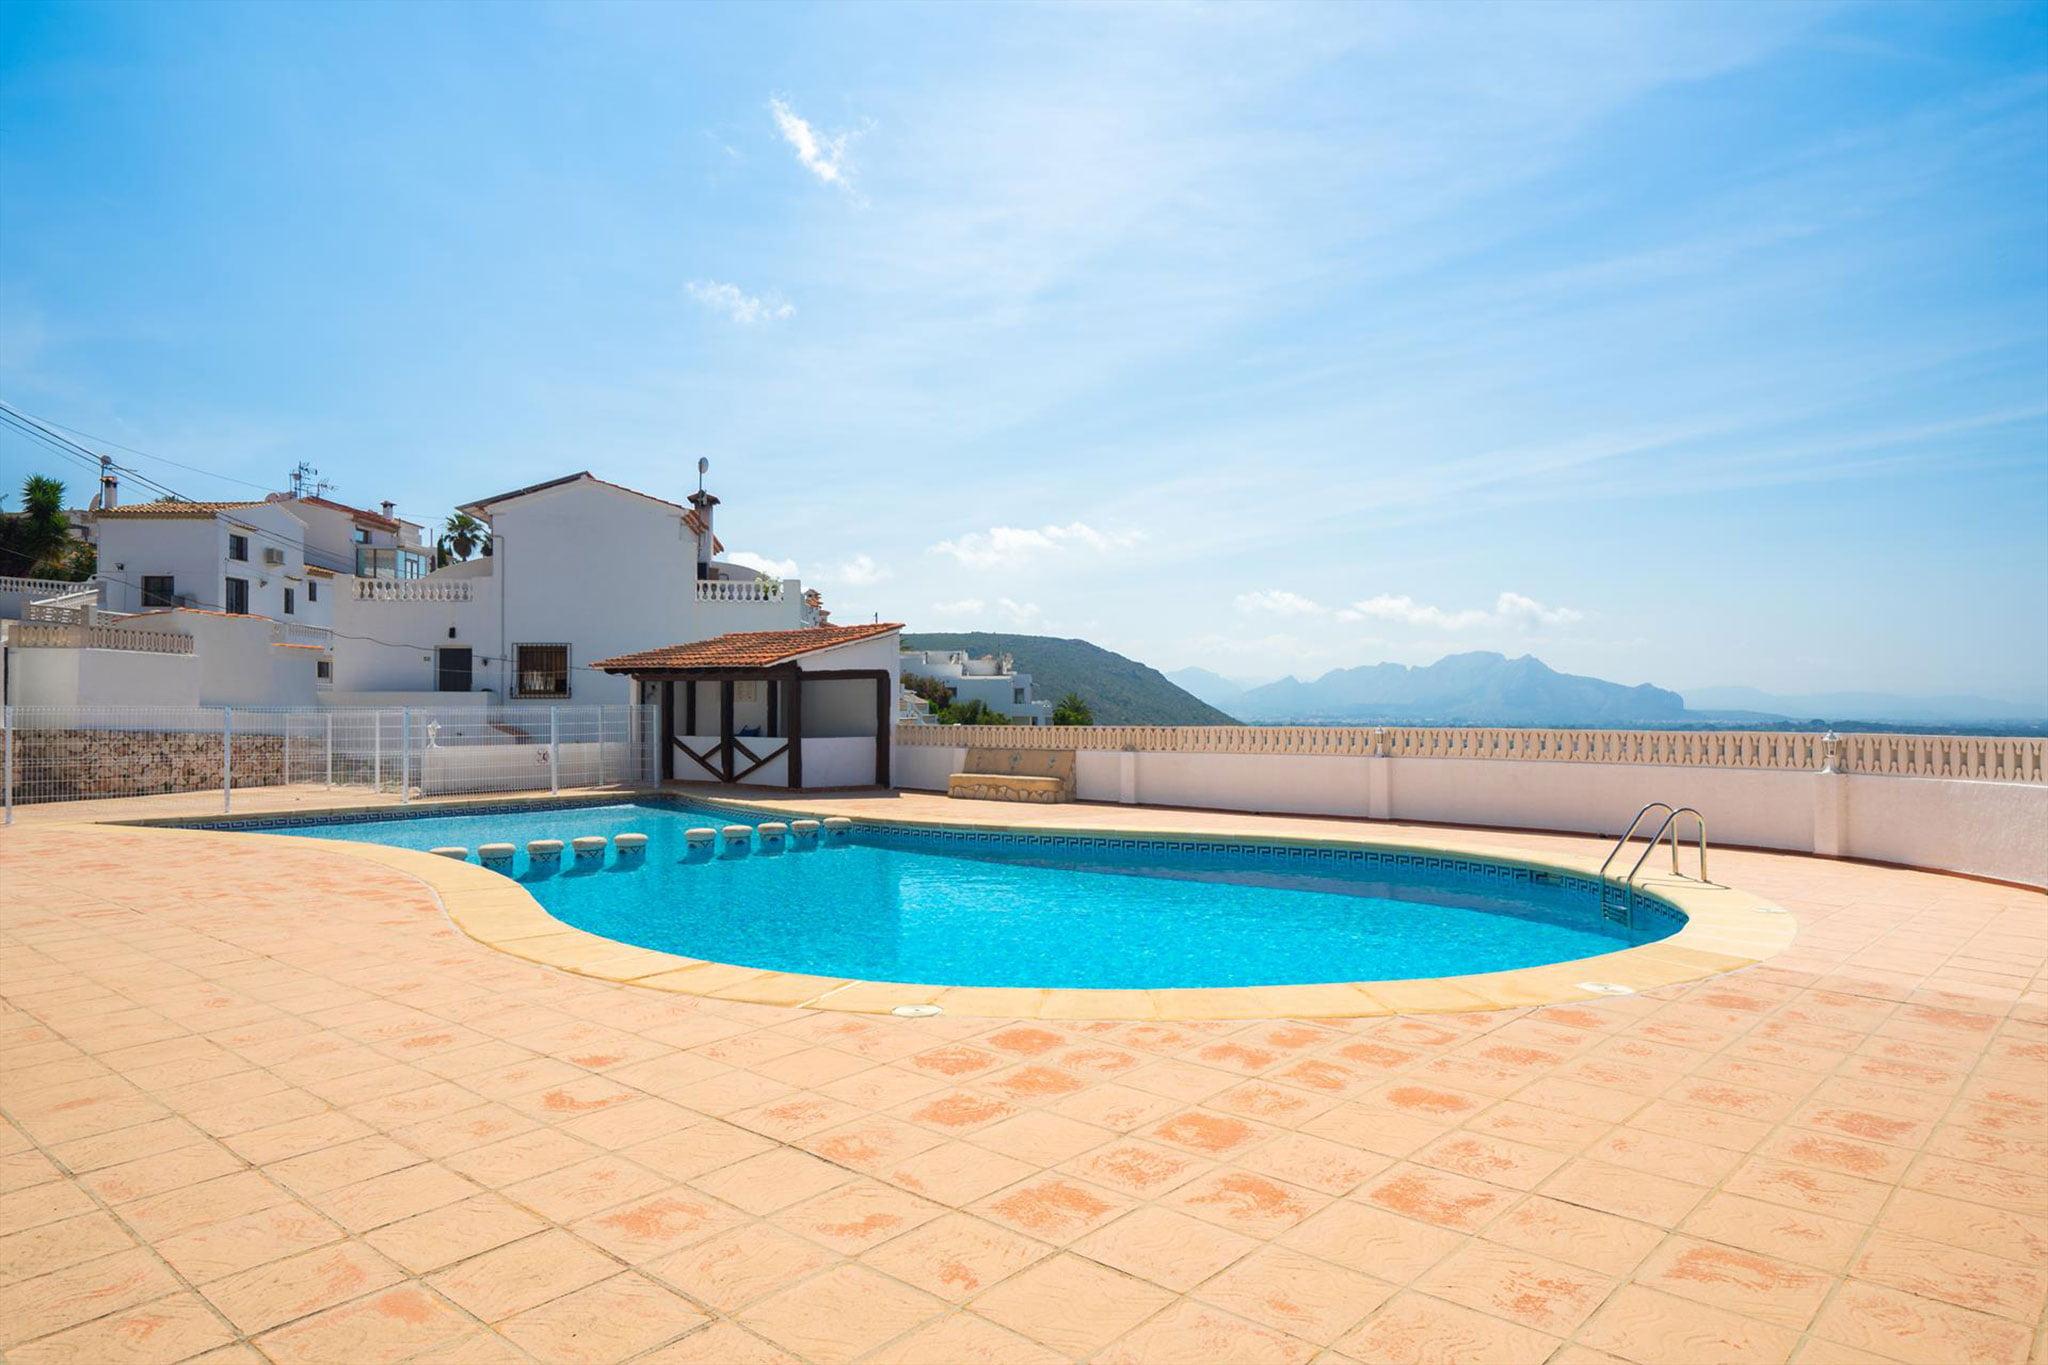 Квартира с общим бассейном в Дении - Aguila Rent a Villa